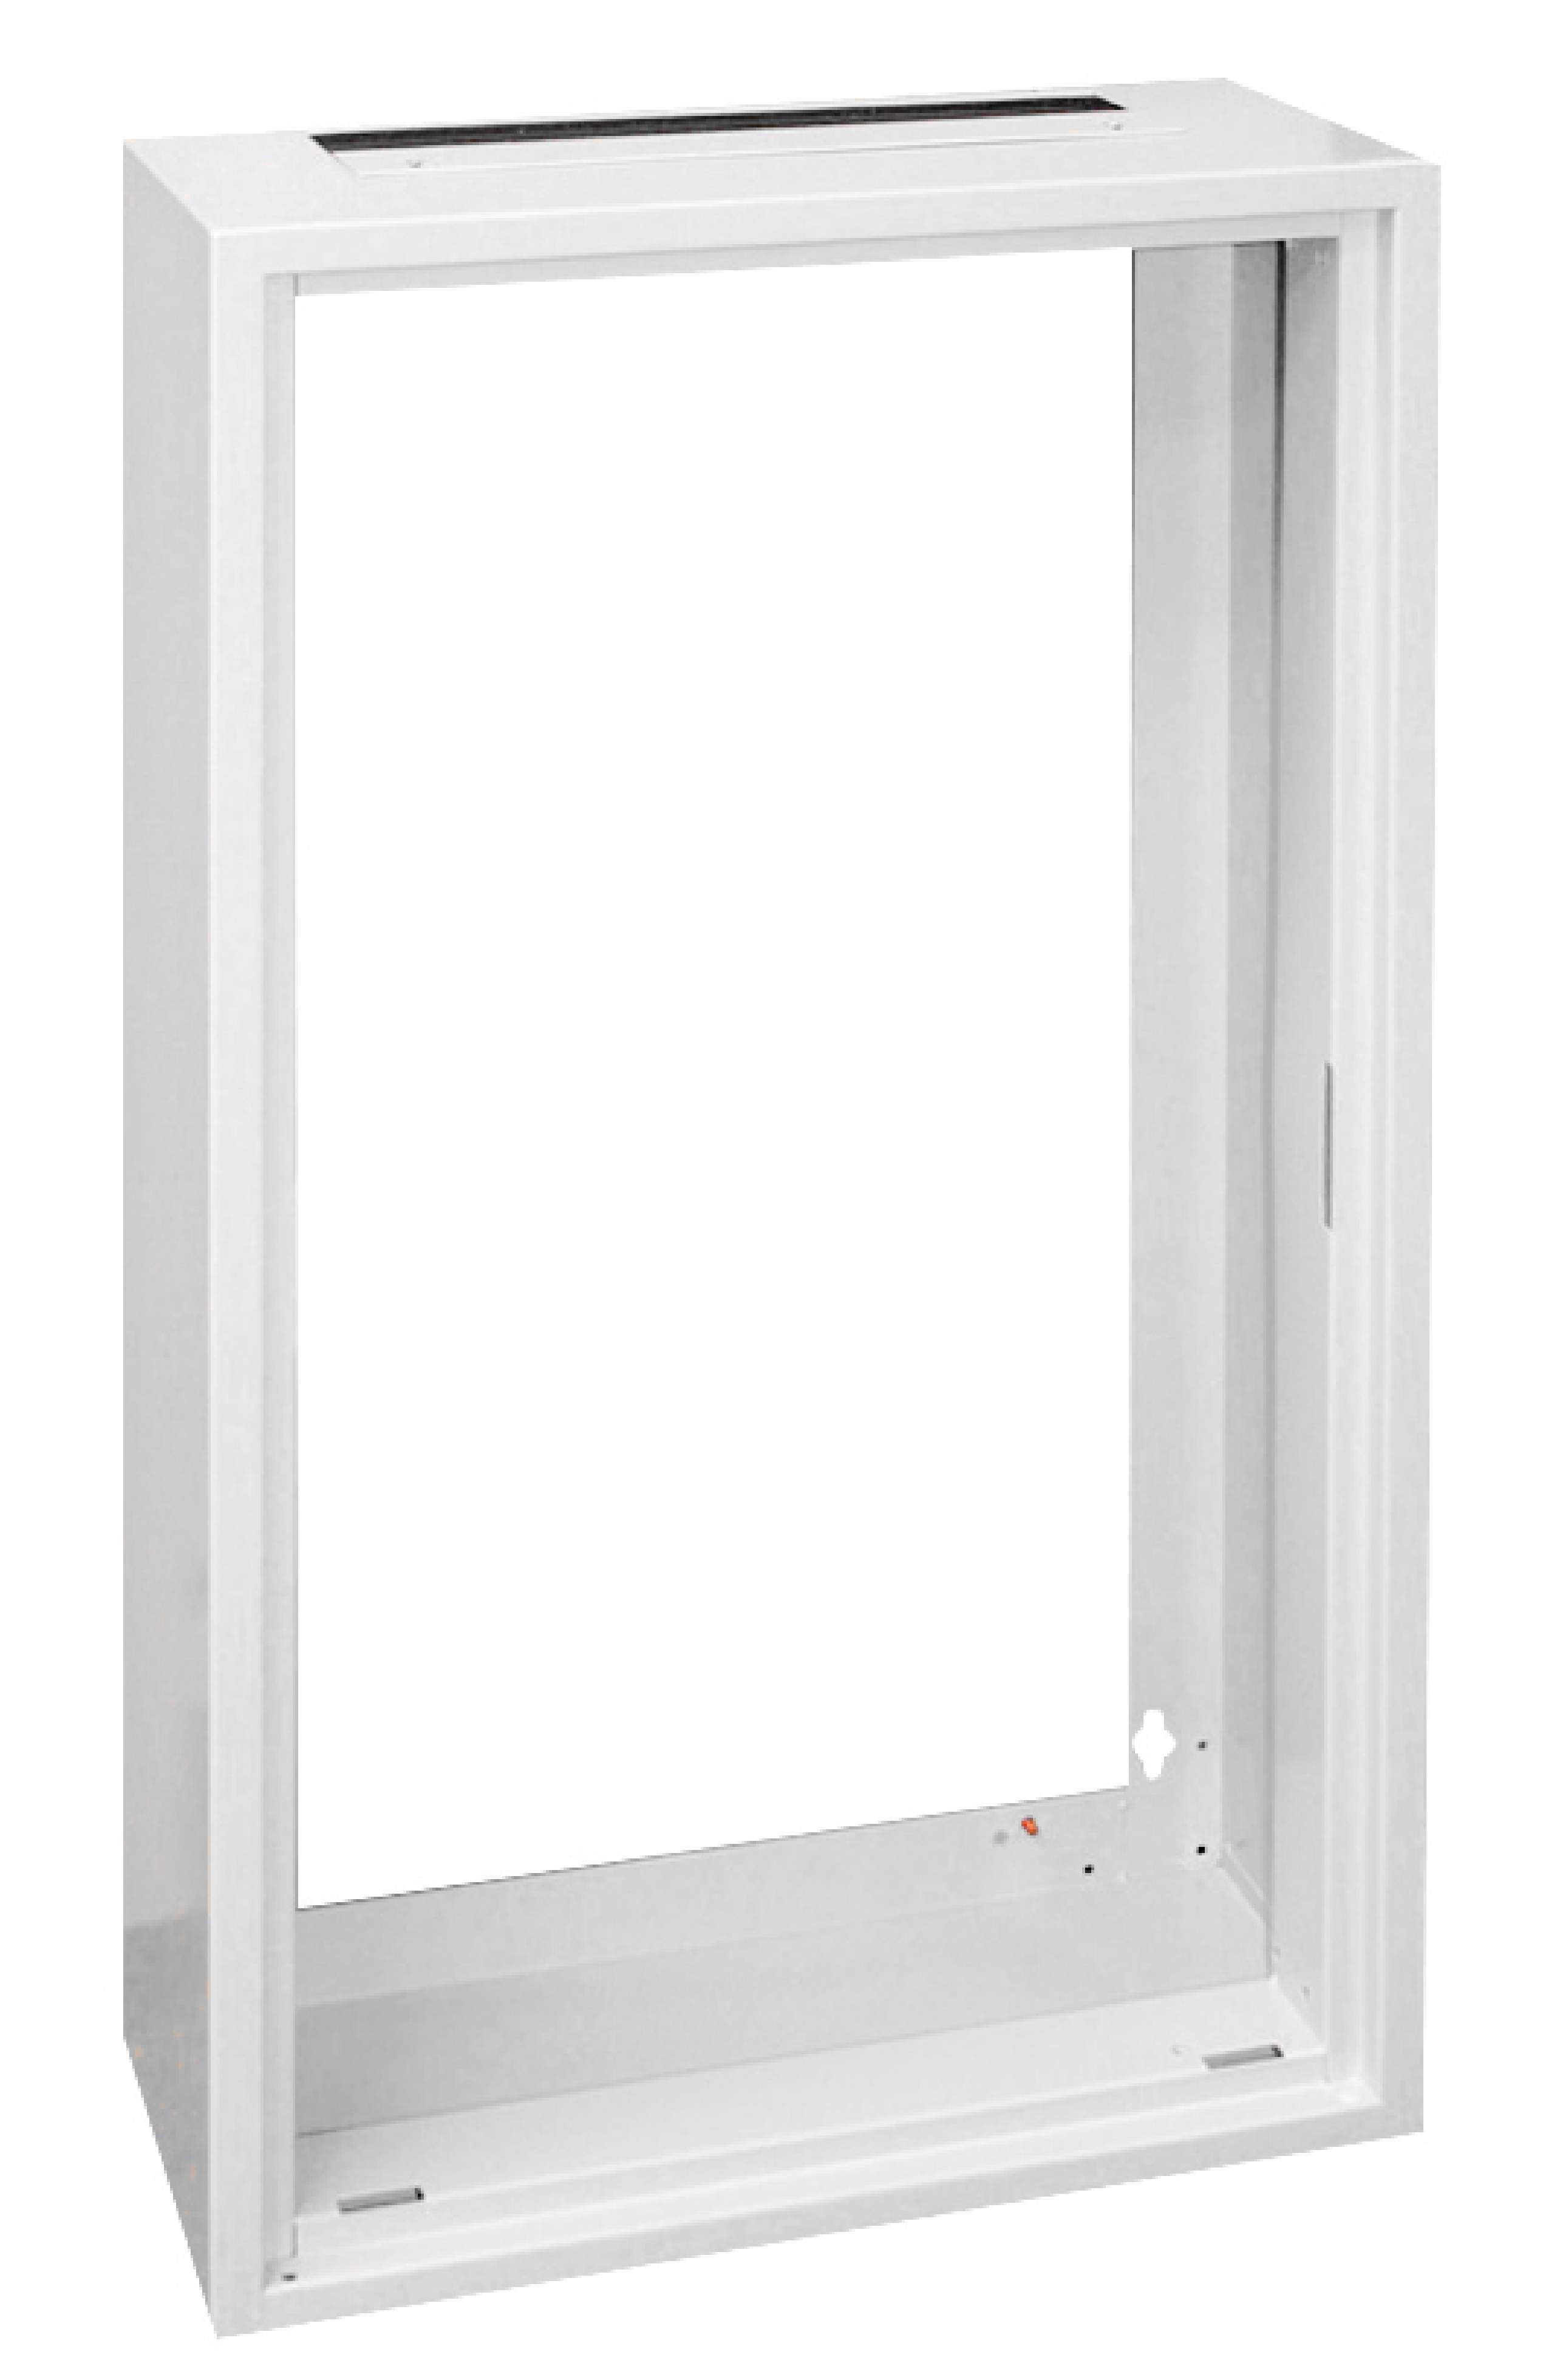 1 Stk AP-Rahmen ohne Türe und Rückwand 2A-12, H640B590T180mm IL001212-F